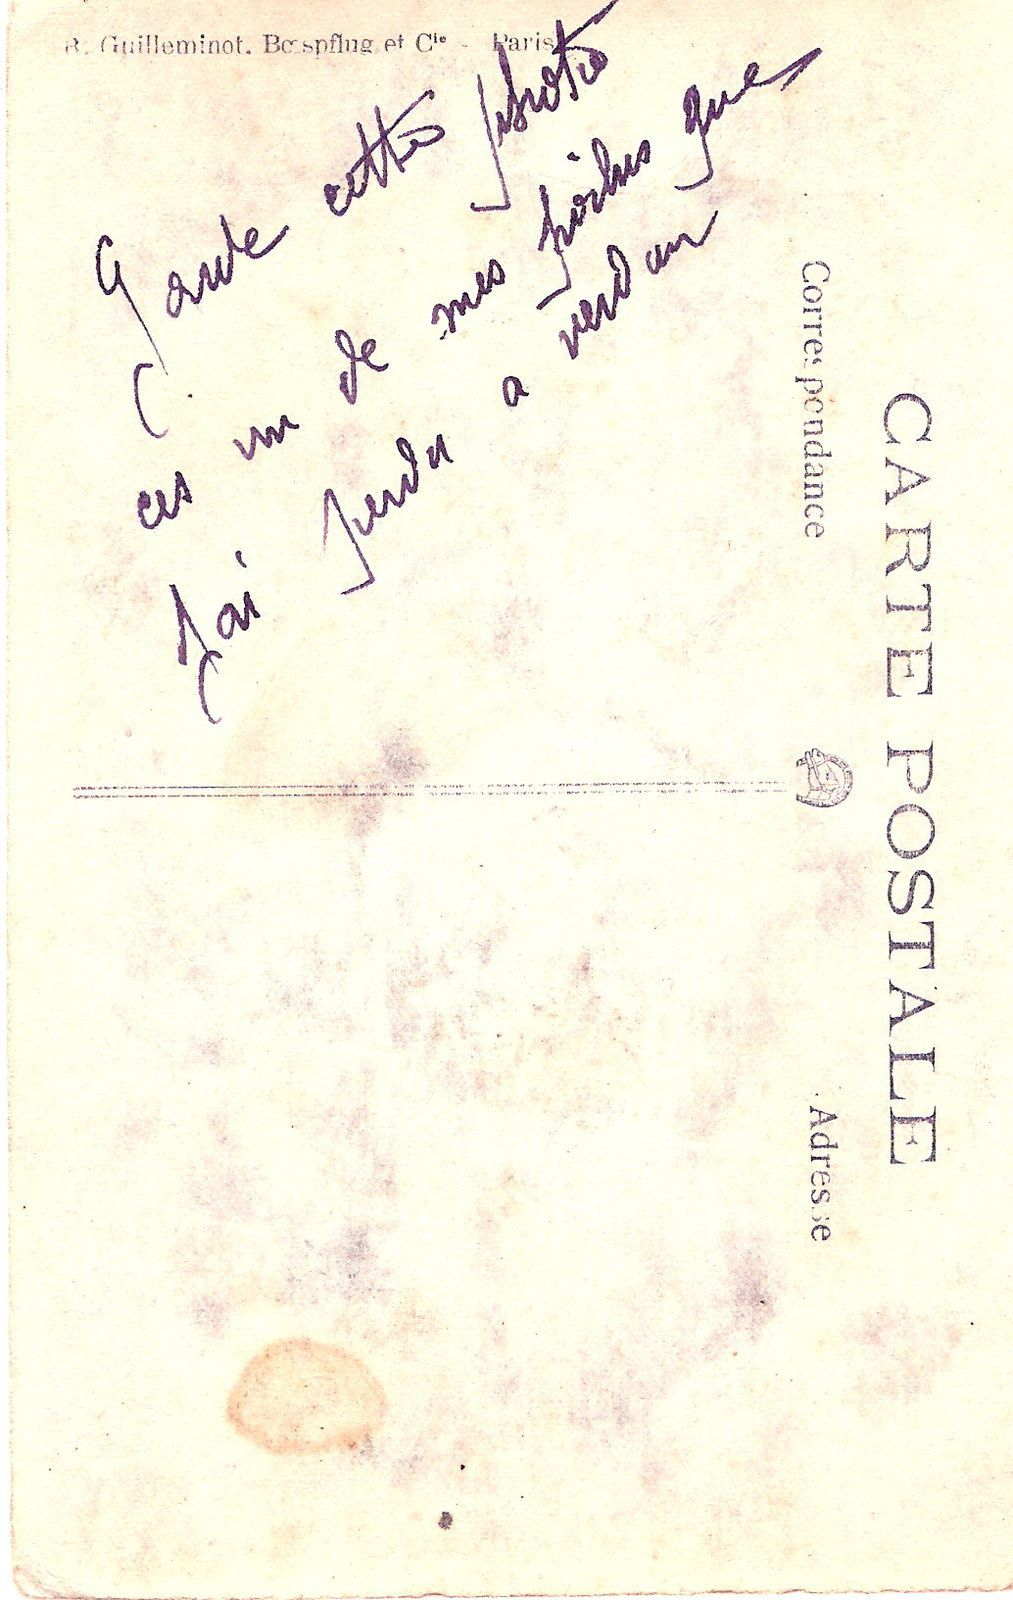 ... écrit de la main de mon grand-père revenu de cet enfer ...